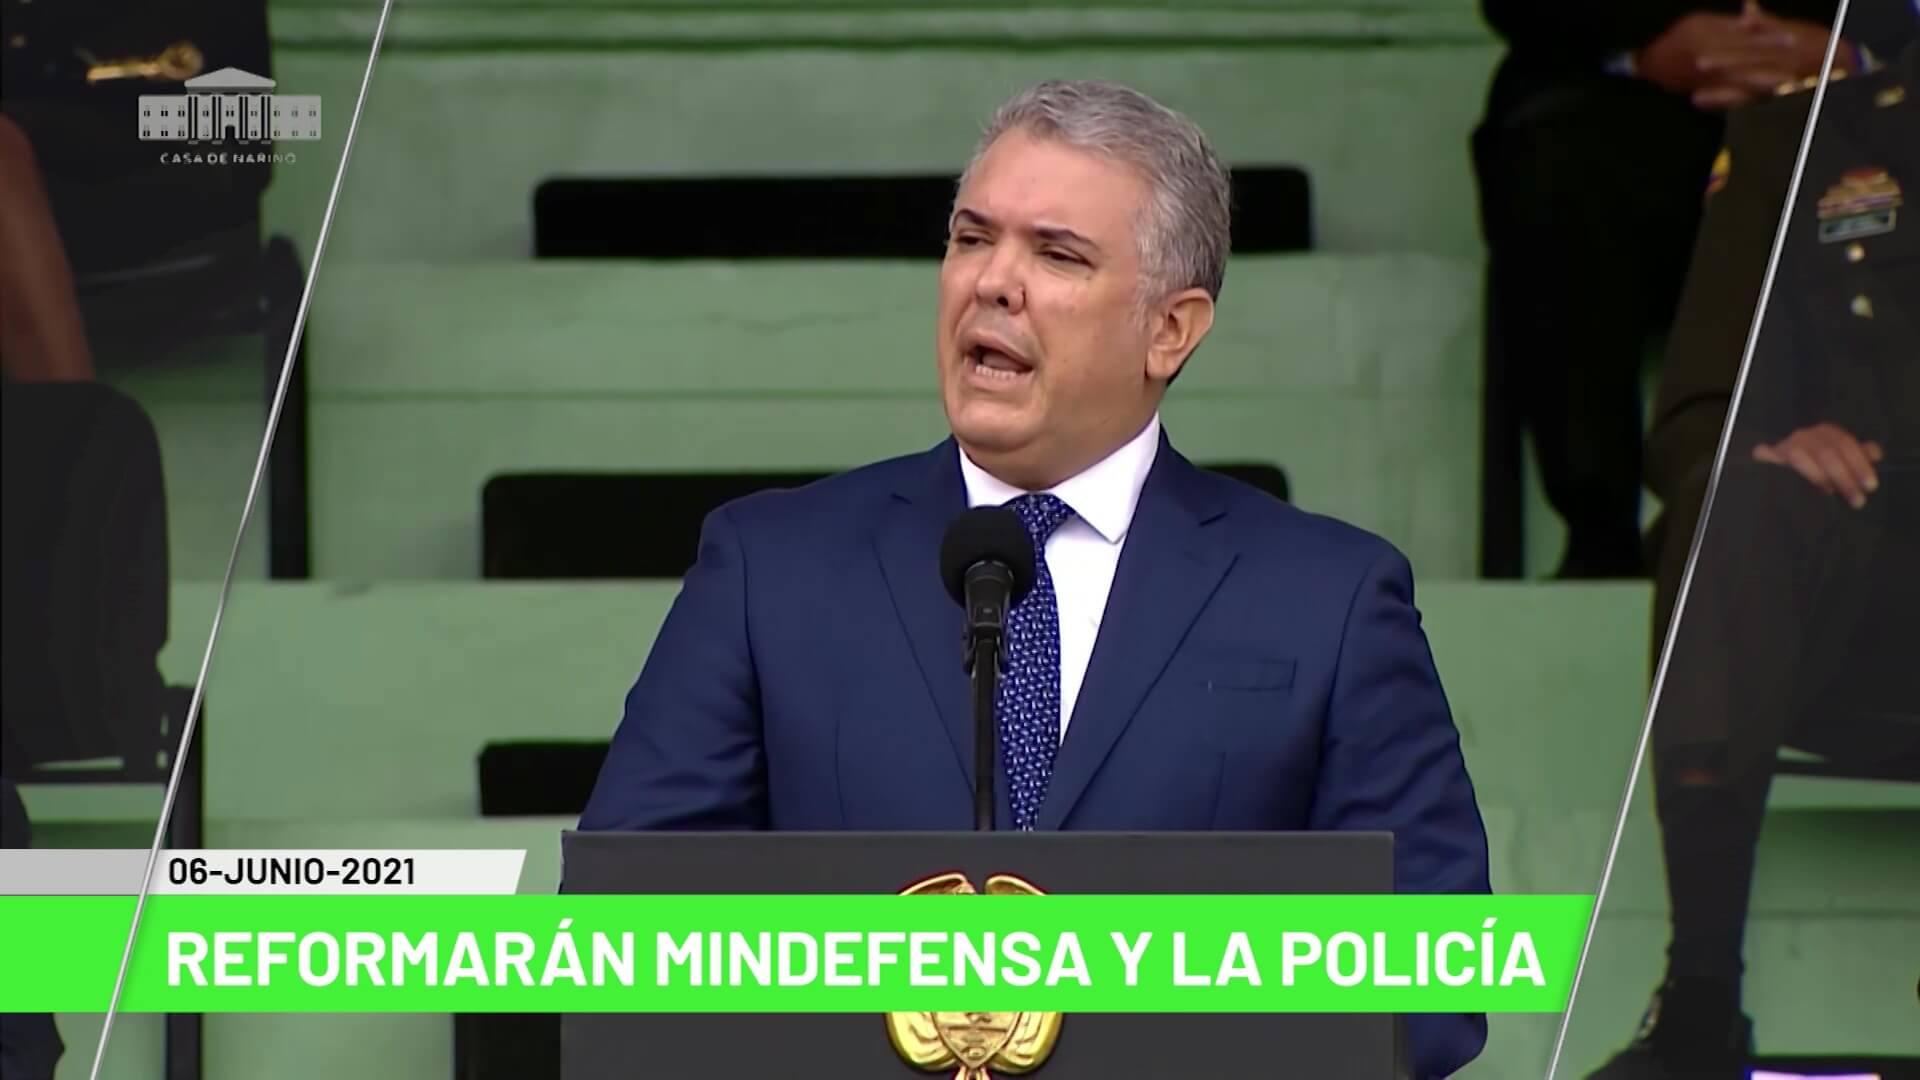 Titulares Teleantioquia Noticias – Domingo 06 de junio de 2021 mediodía